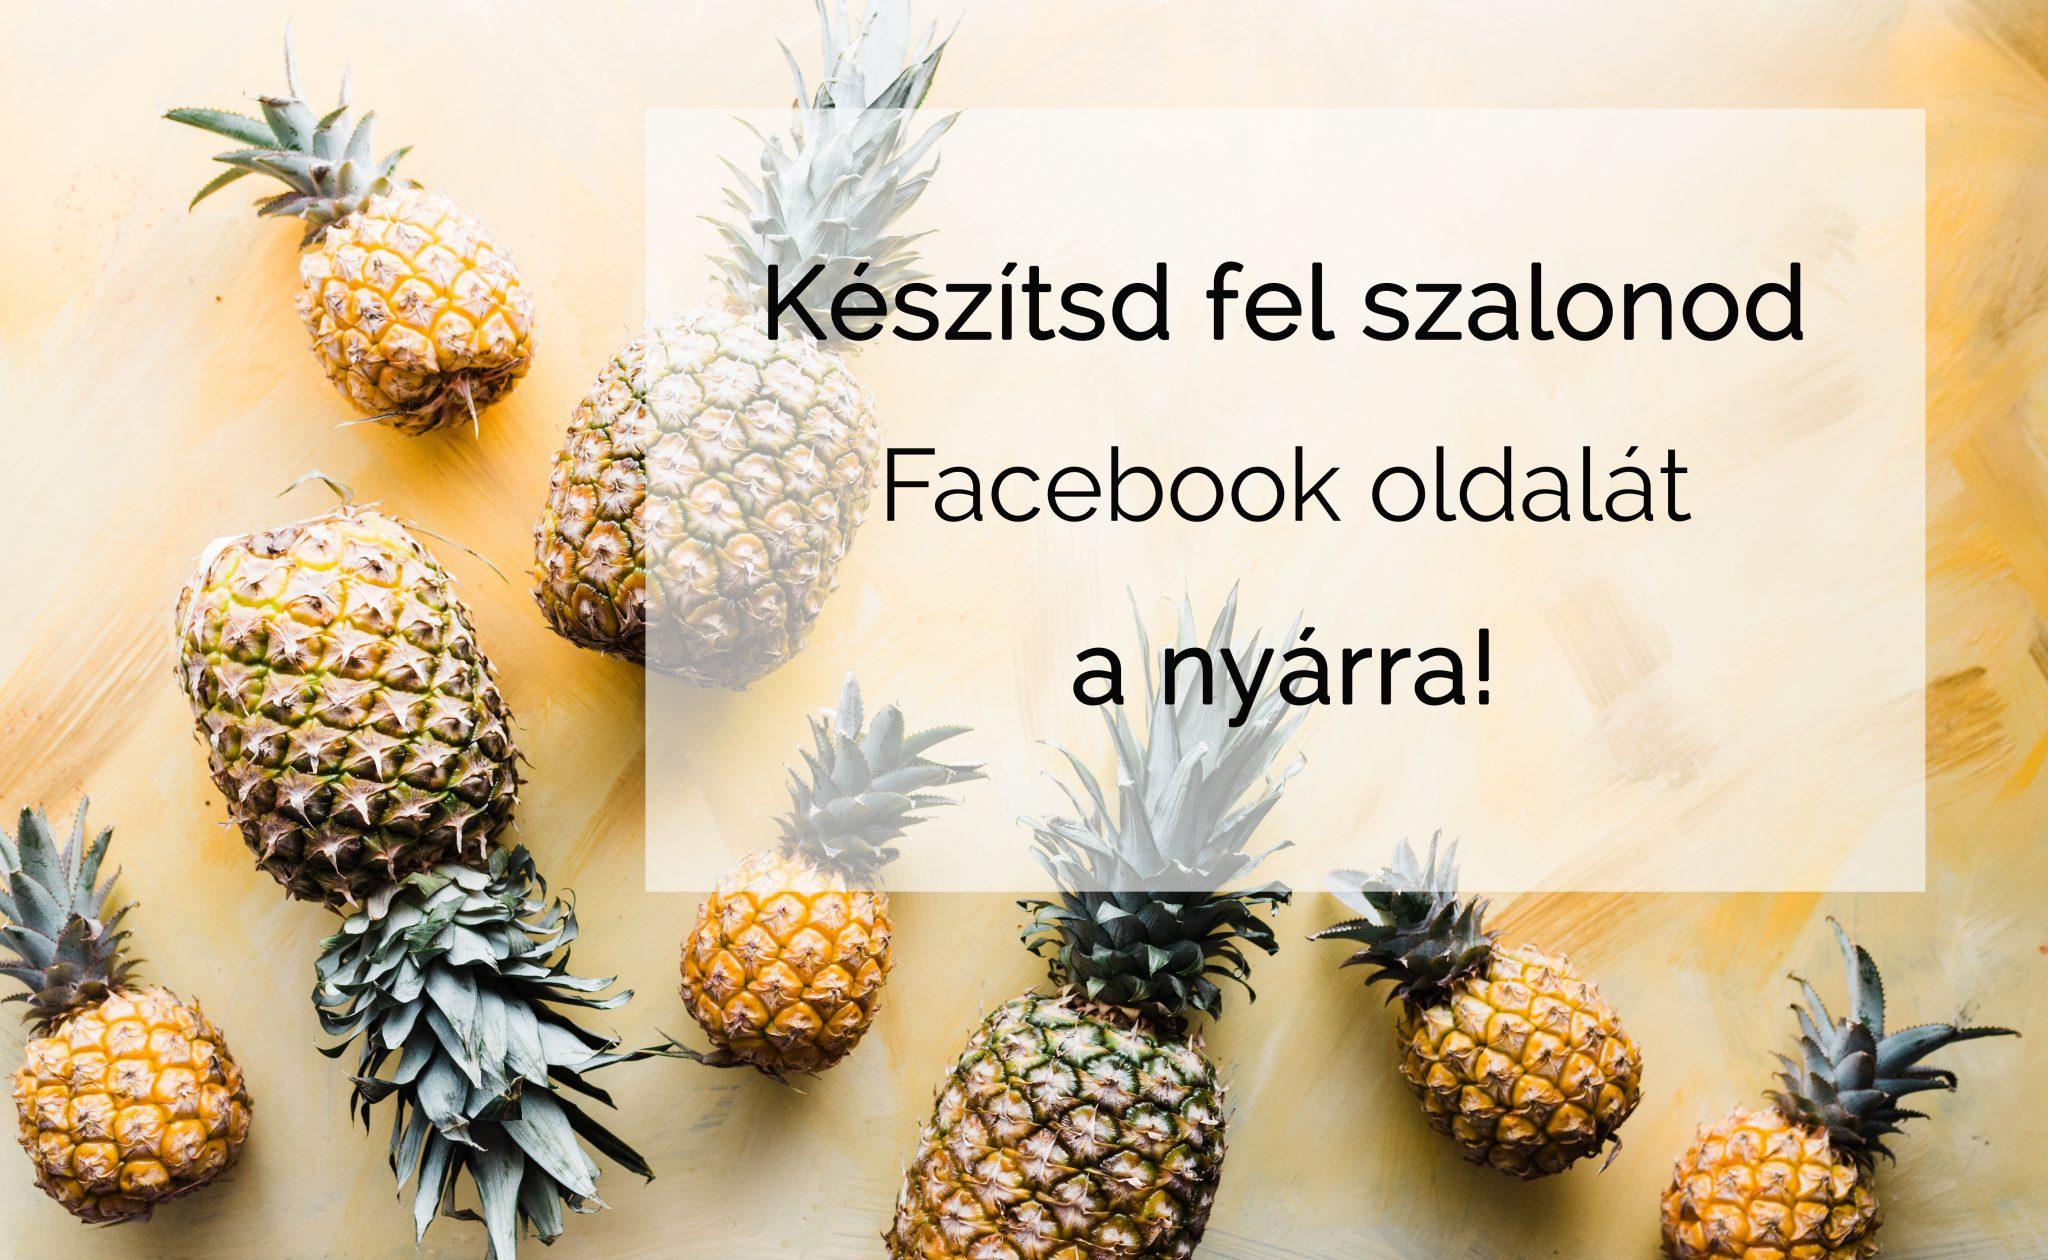 Készítsd fel szalonod Facebook oldalát a nyárra!